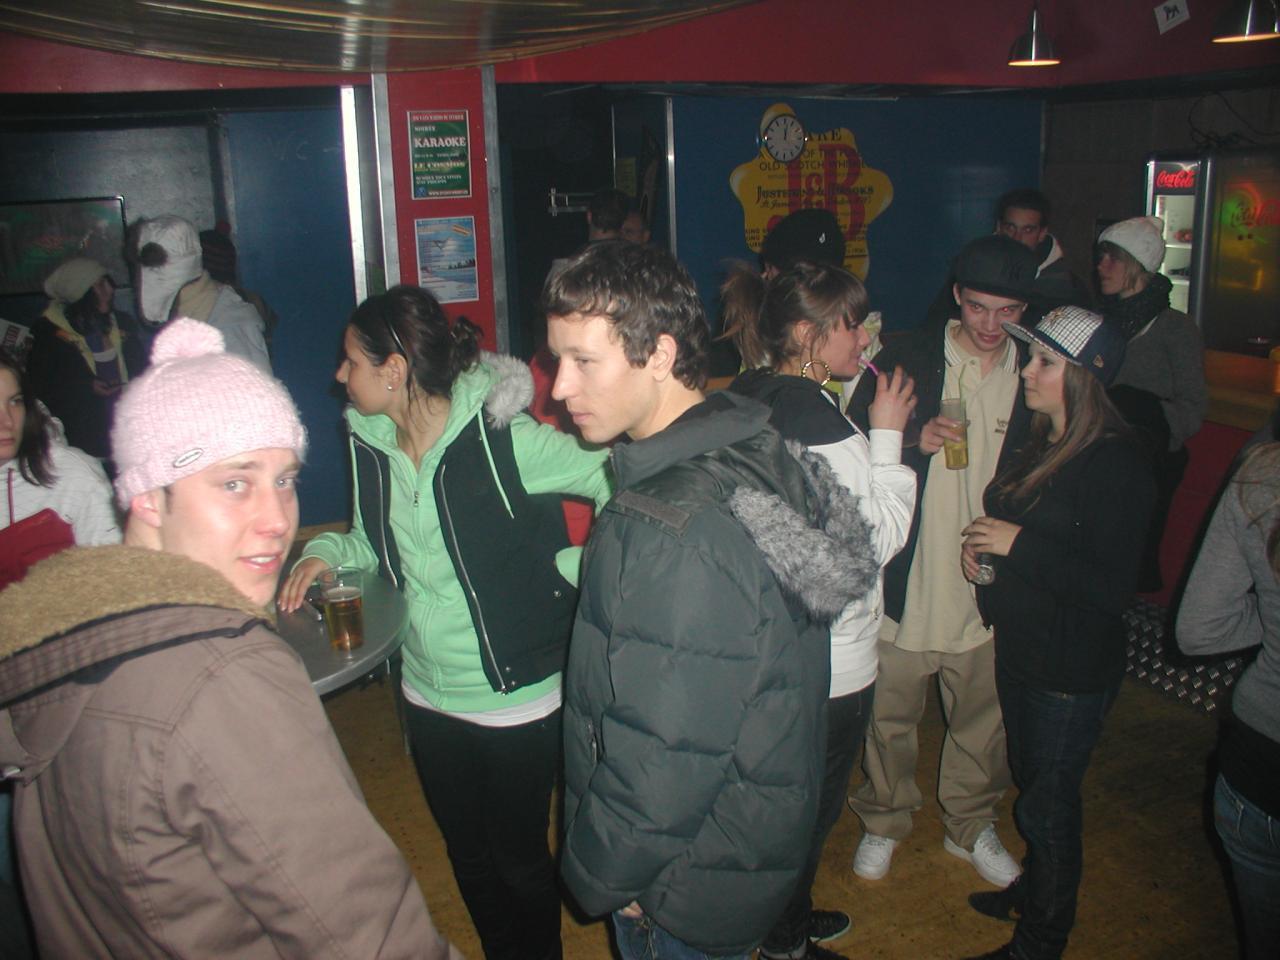 Soirée  02.02.08 Nikita gooodie session